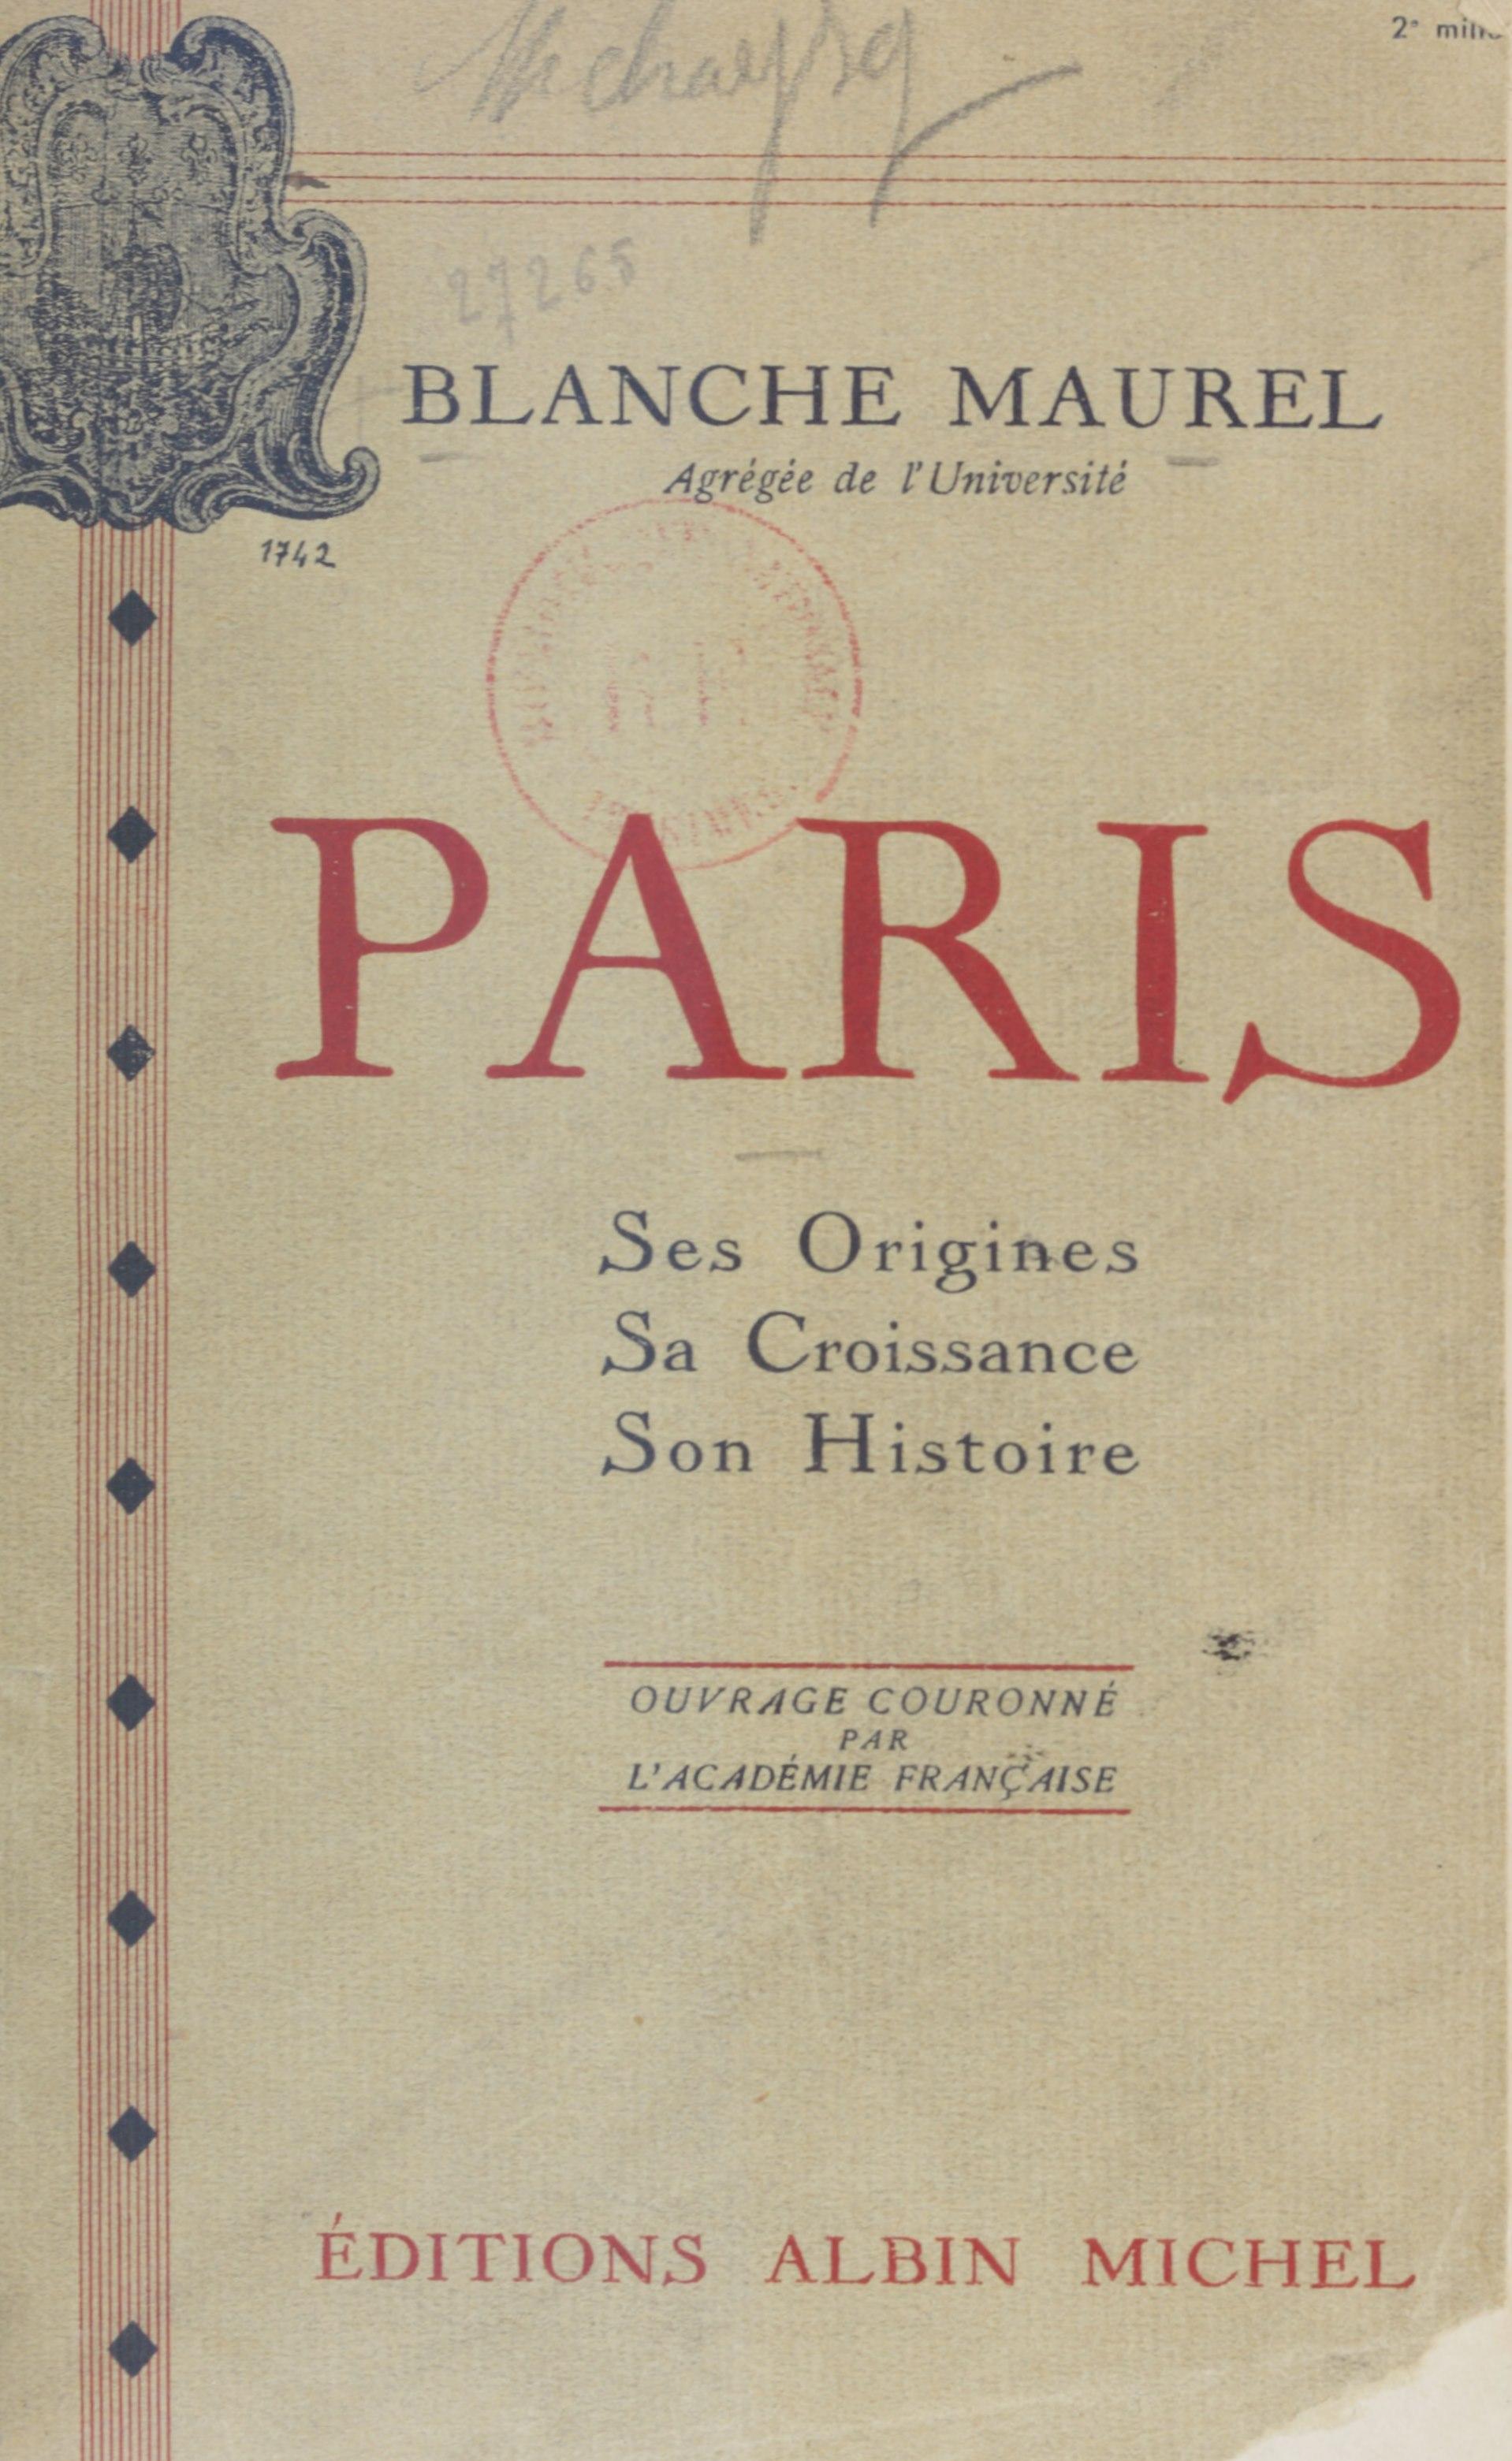 Paris, SES ORIGINES, SA CROISSANCE, SON HISTOIRE